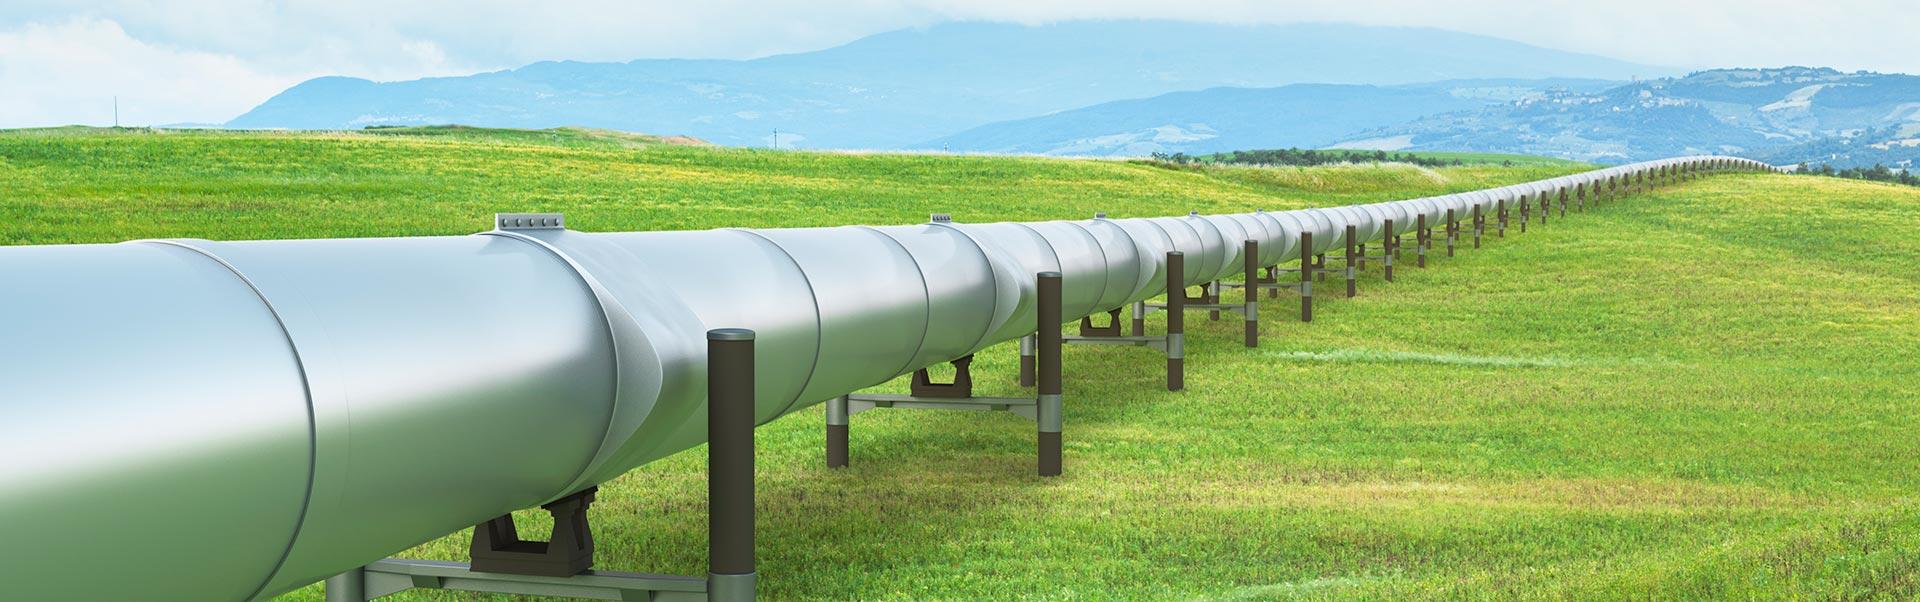 Oil Gas Pipeline EIPIX EIPFX EIP Funds